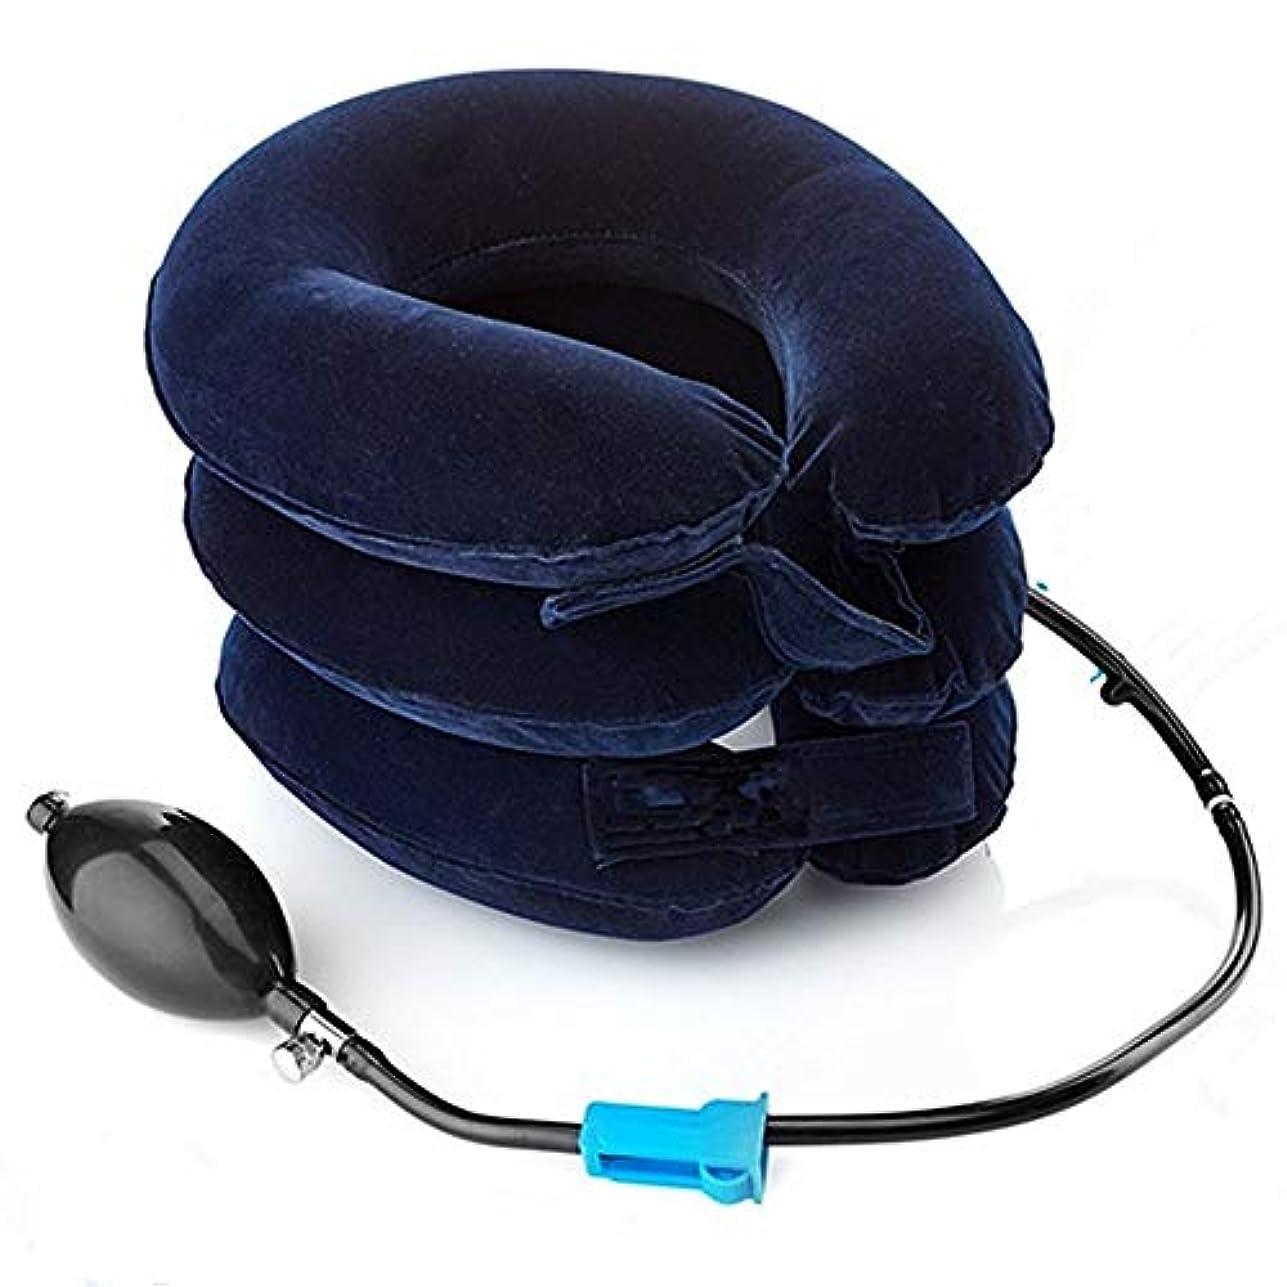 グローブ運命何子宮頸管牽引装置FDA登録 - ホームトラクション背骨の整列のためのインフレータブル&調節可能なネックストレッチャーカラー